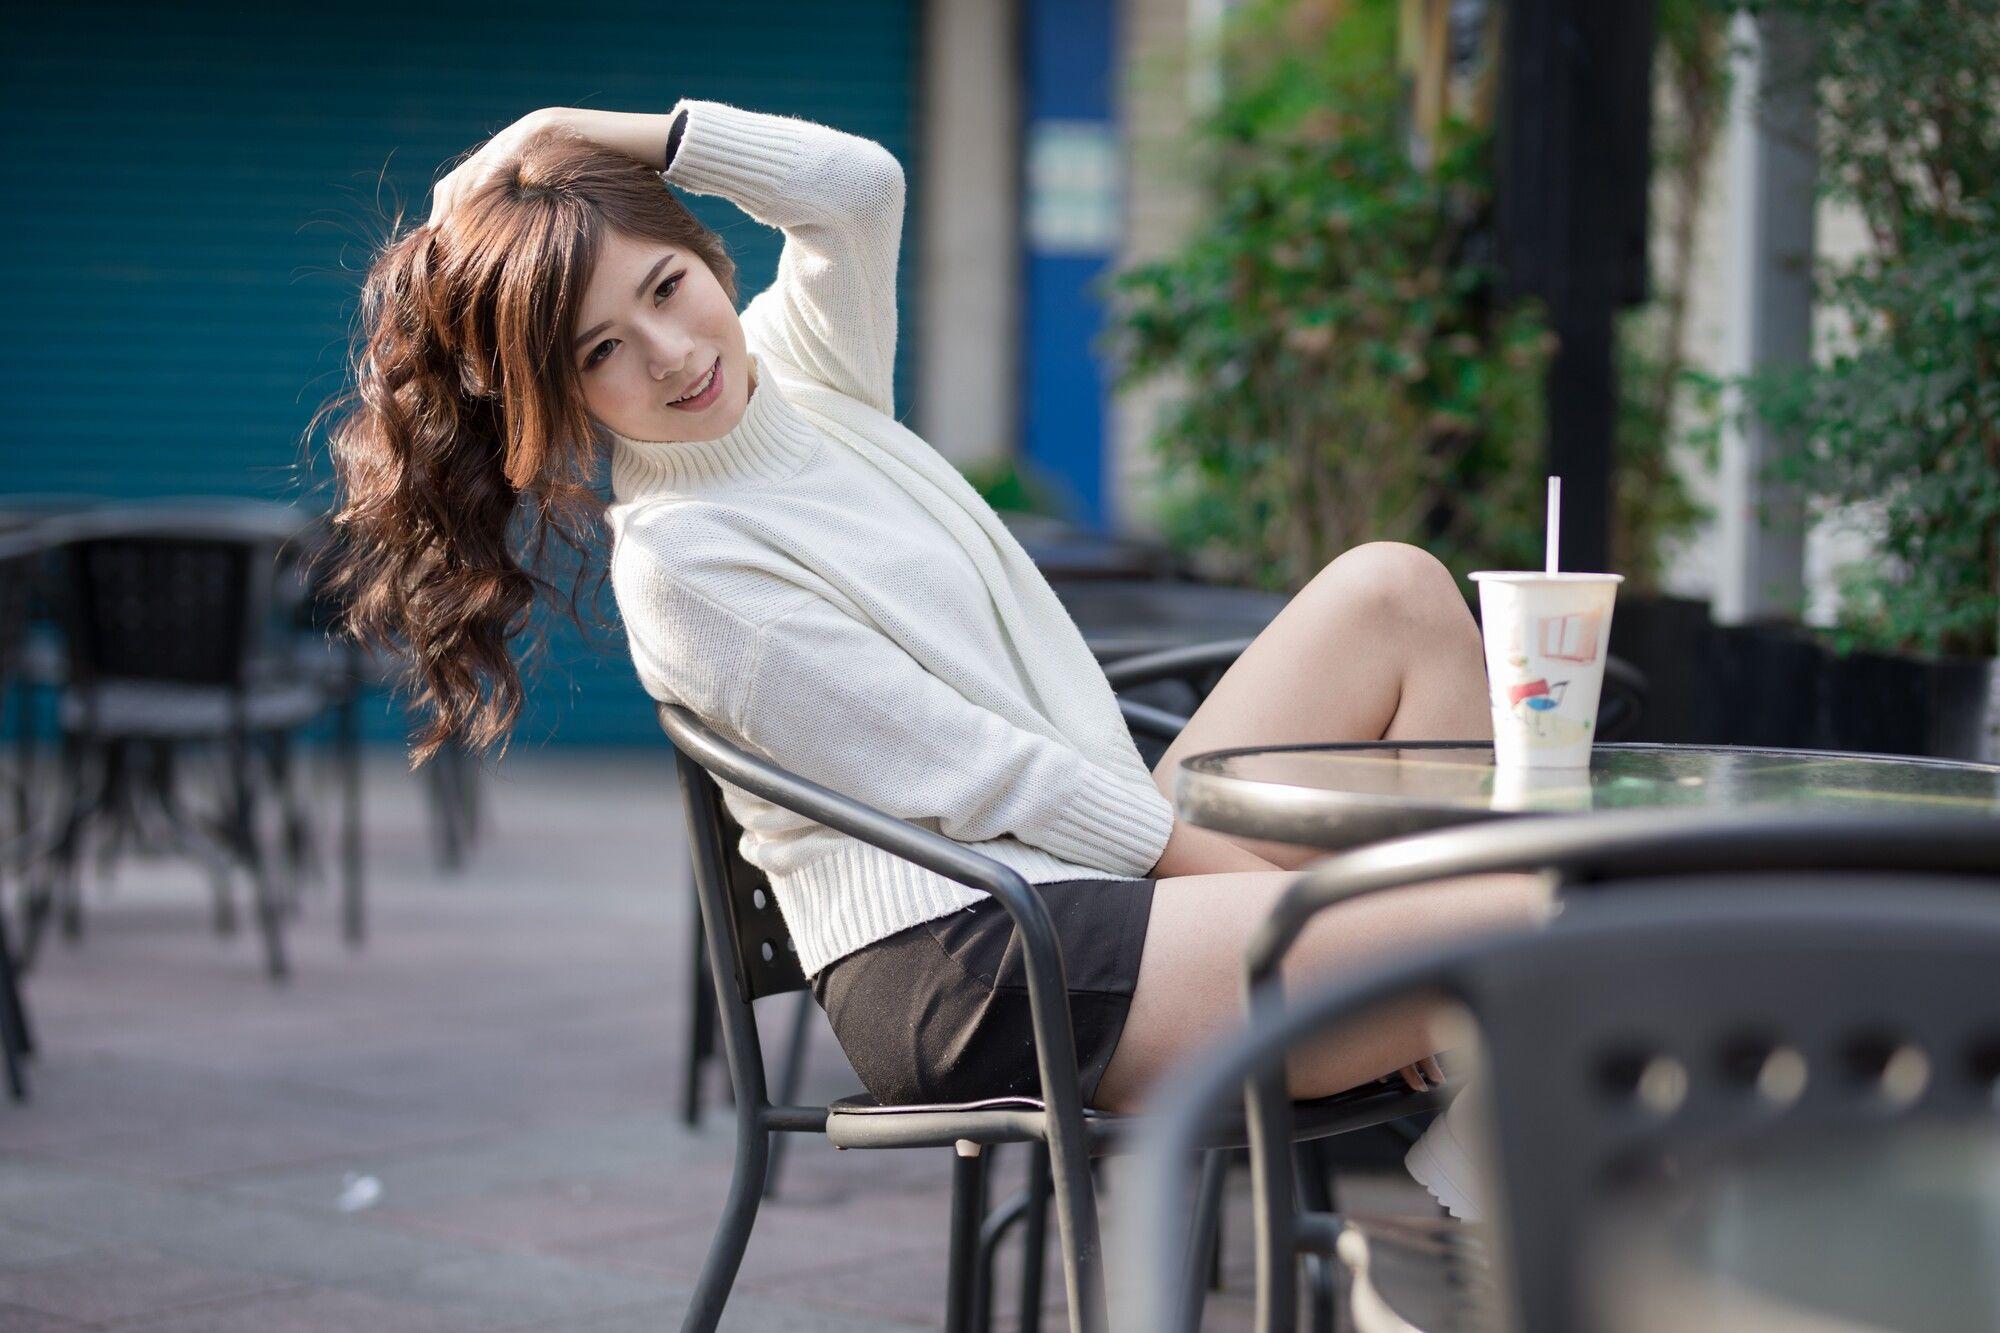 VOL.1845 [台湾正妹]街拍街拍美臀女友:方唯真(Chubby唯真)超高清个人性感漂亮大图(54P)